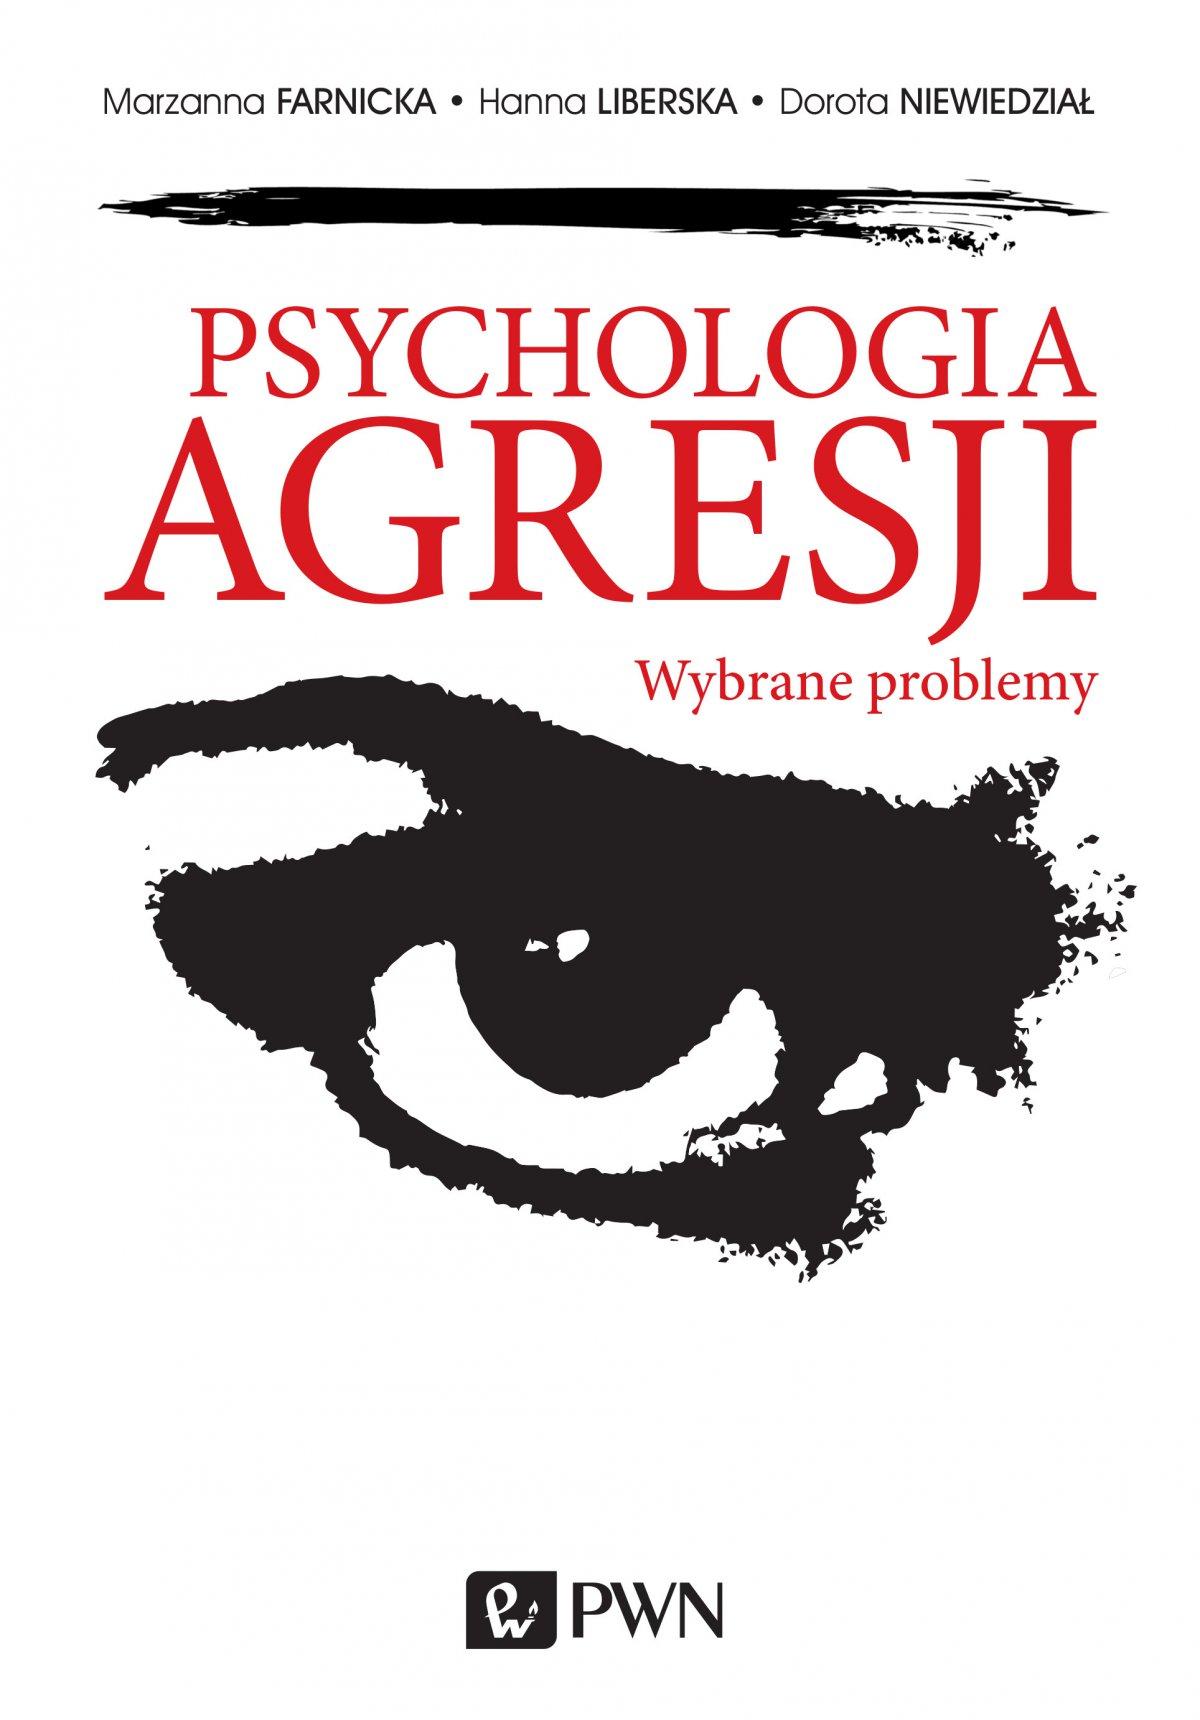 Psychologia agresji. Wybrane problemy - Ebook (Książka EPUB) do pobrania w formacie EPUB